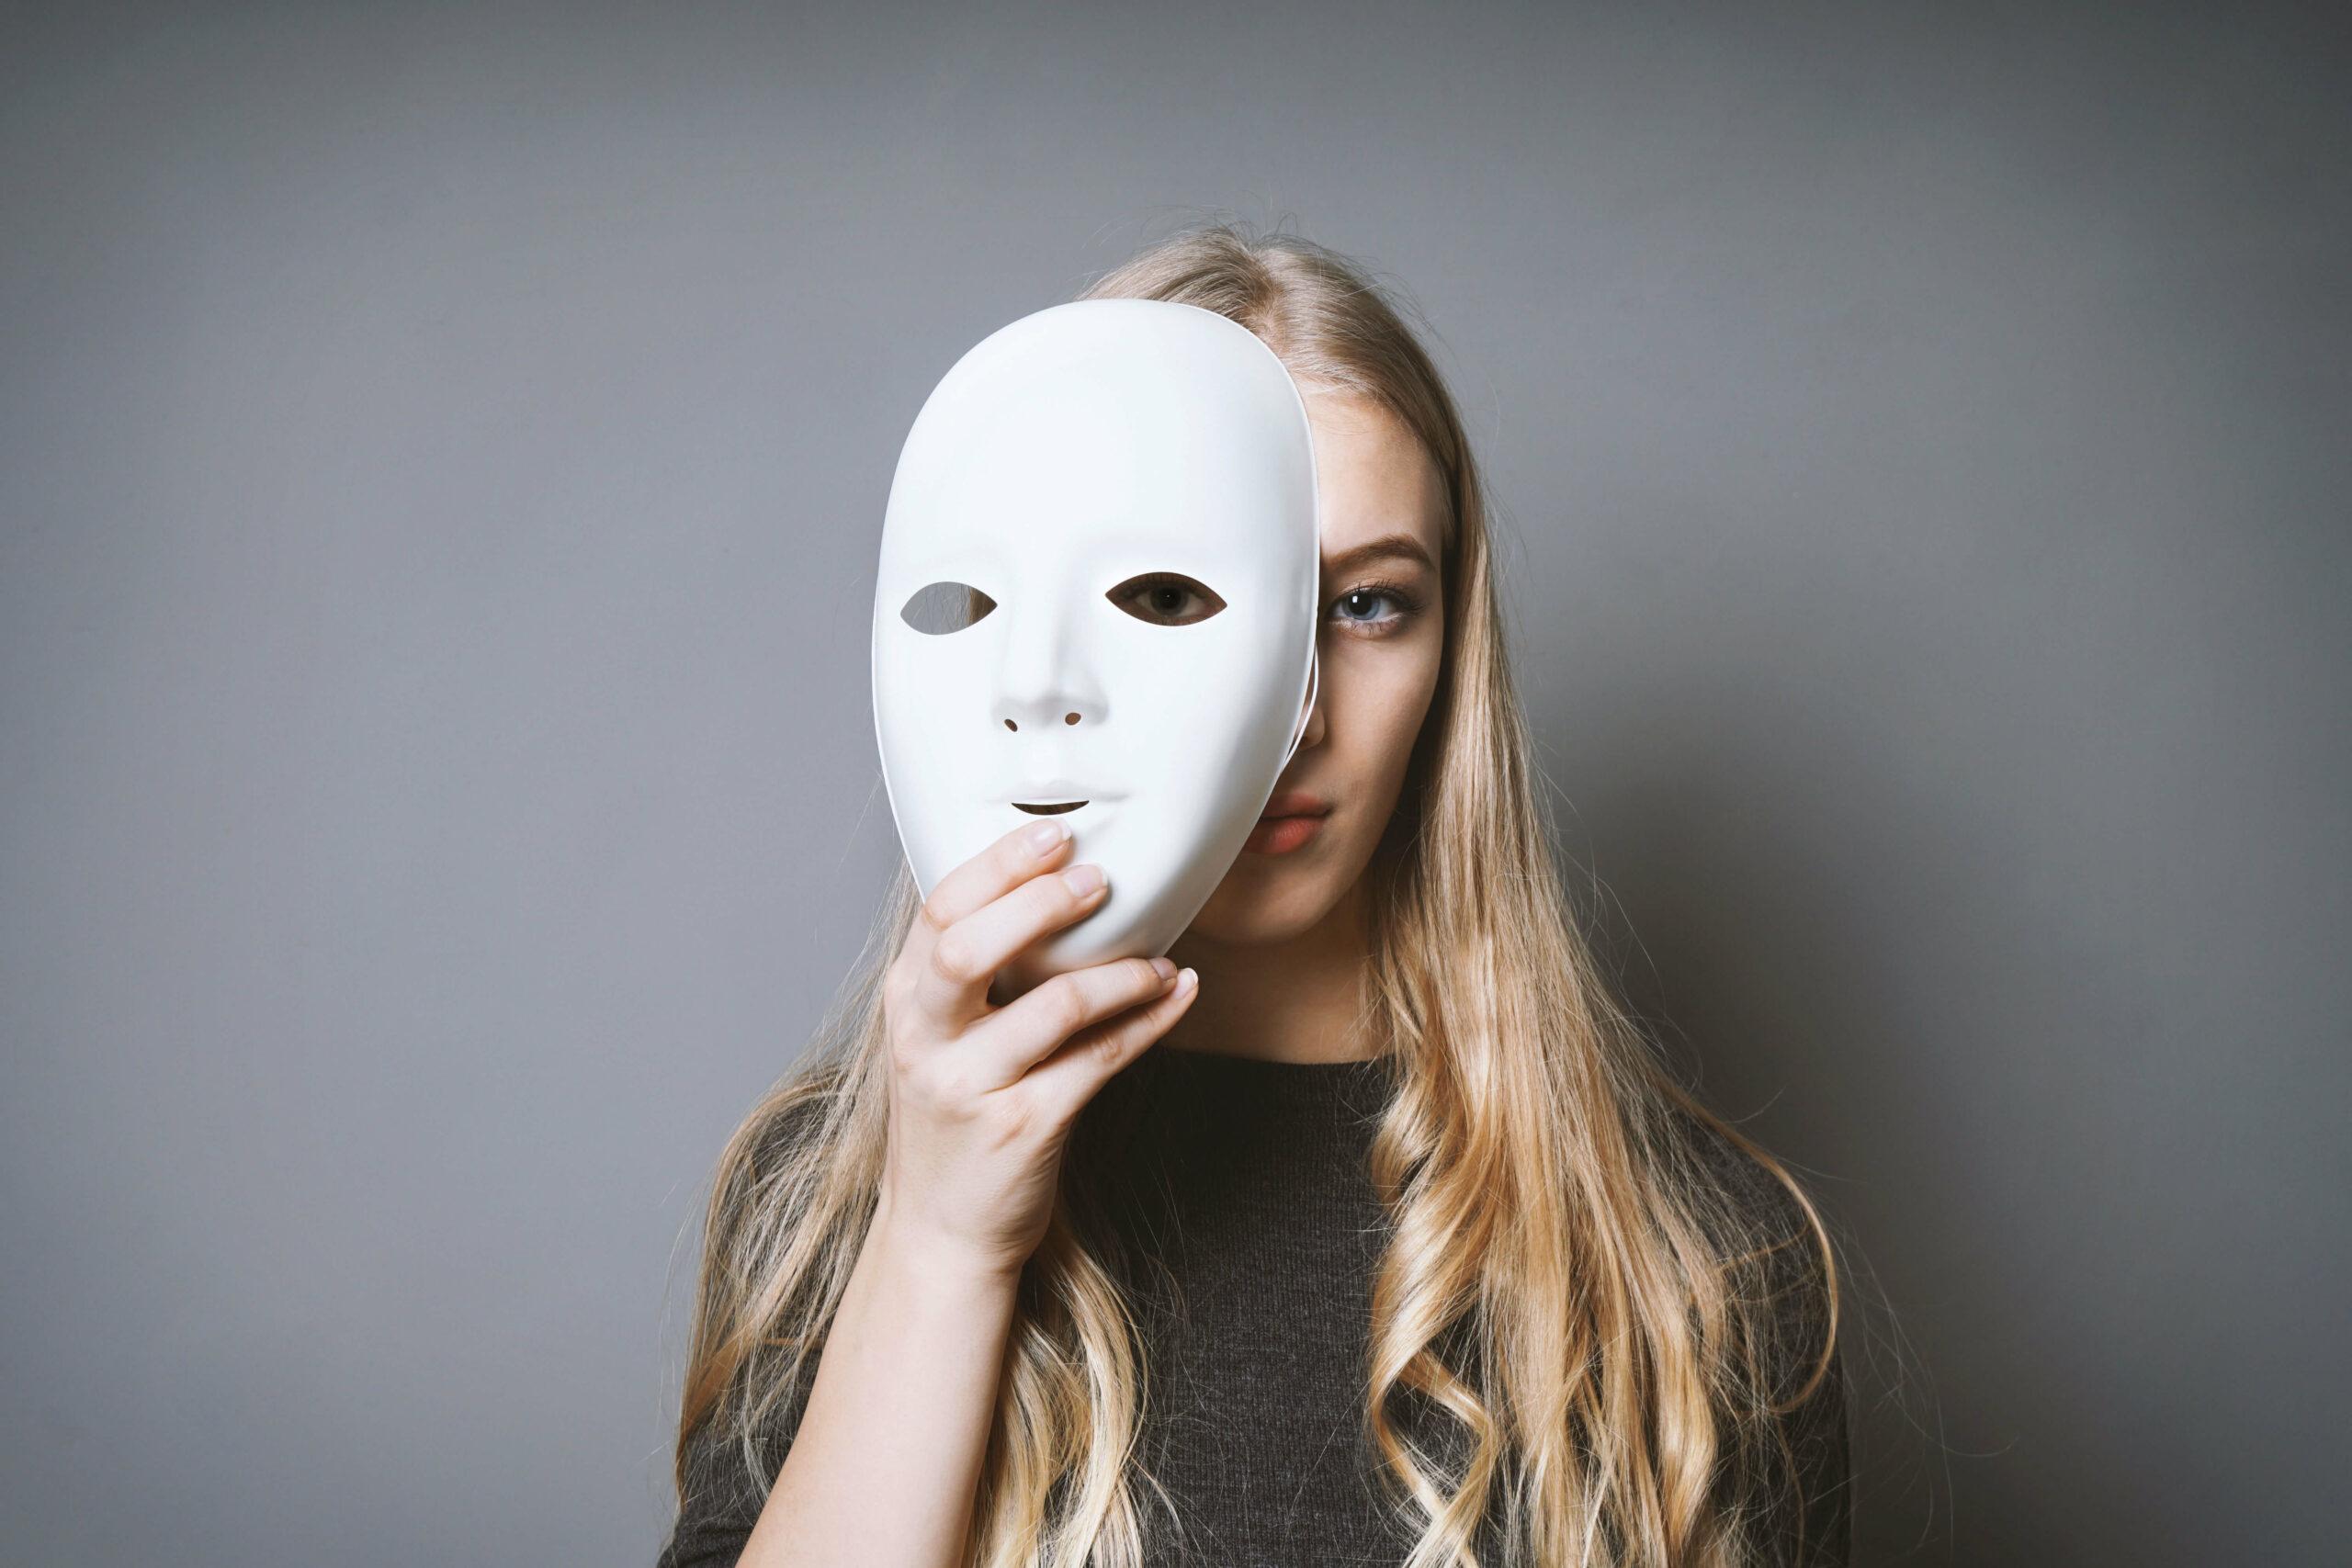 In der Krise fallen die Masken: 5 Tipps für sichere Kommunikation